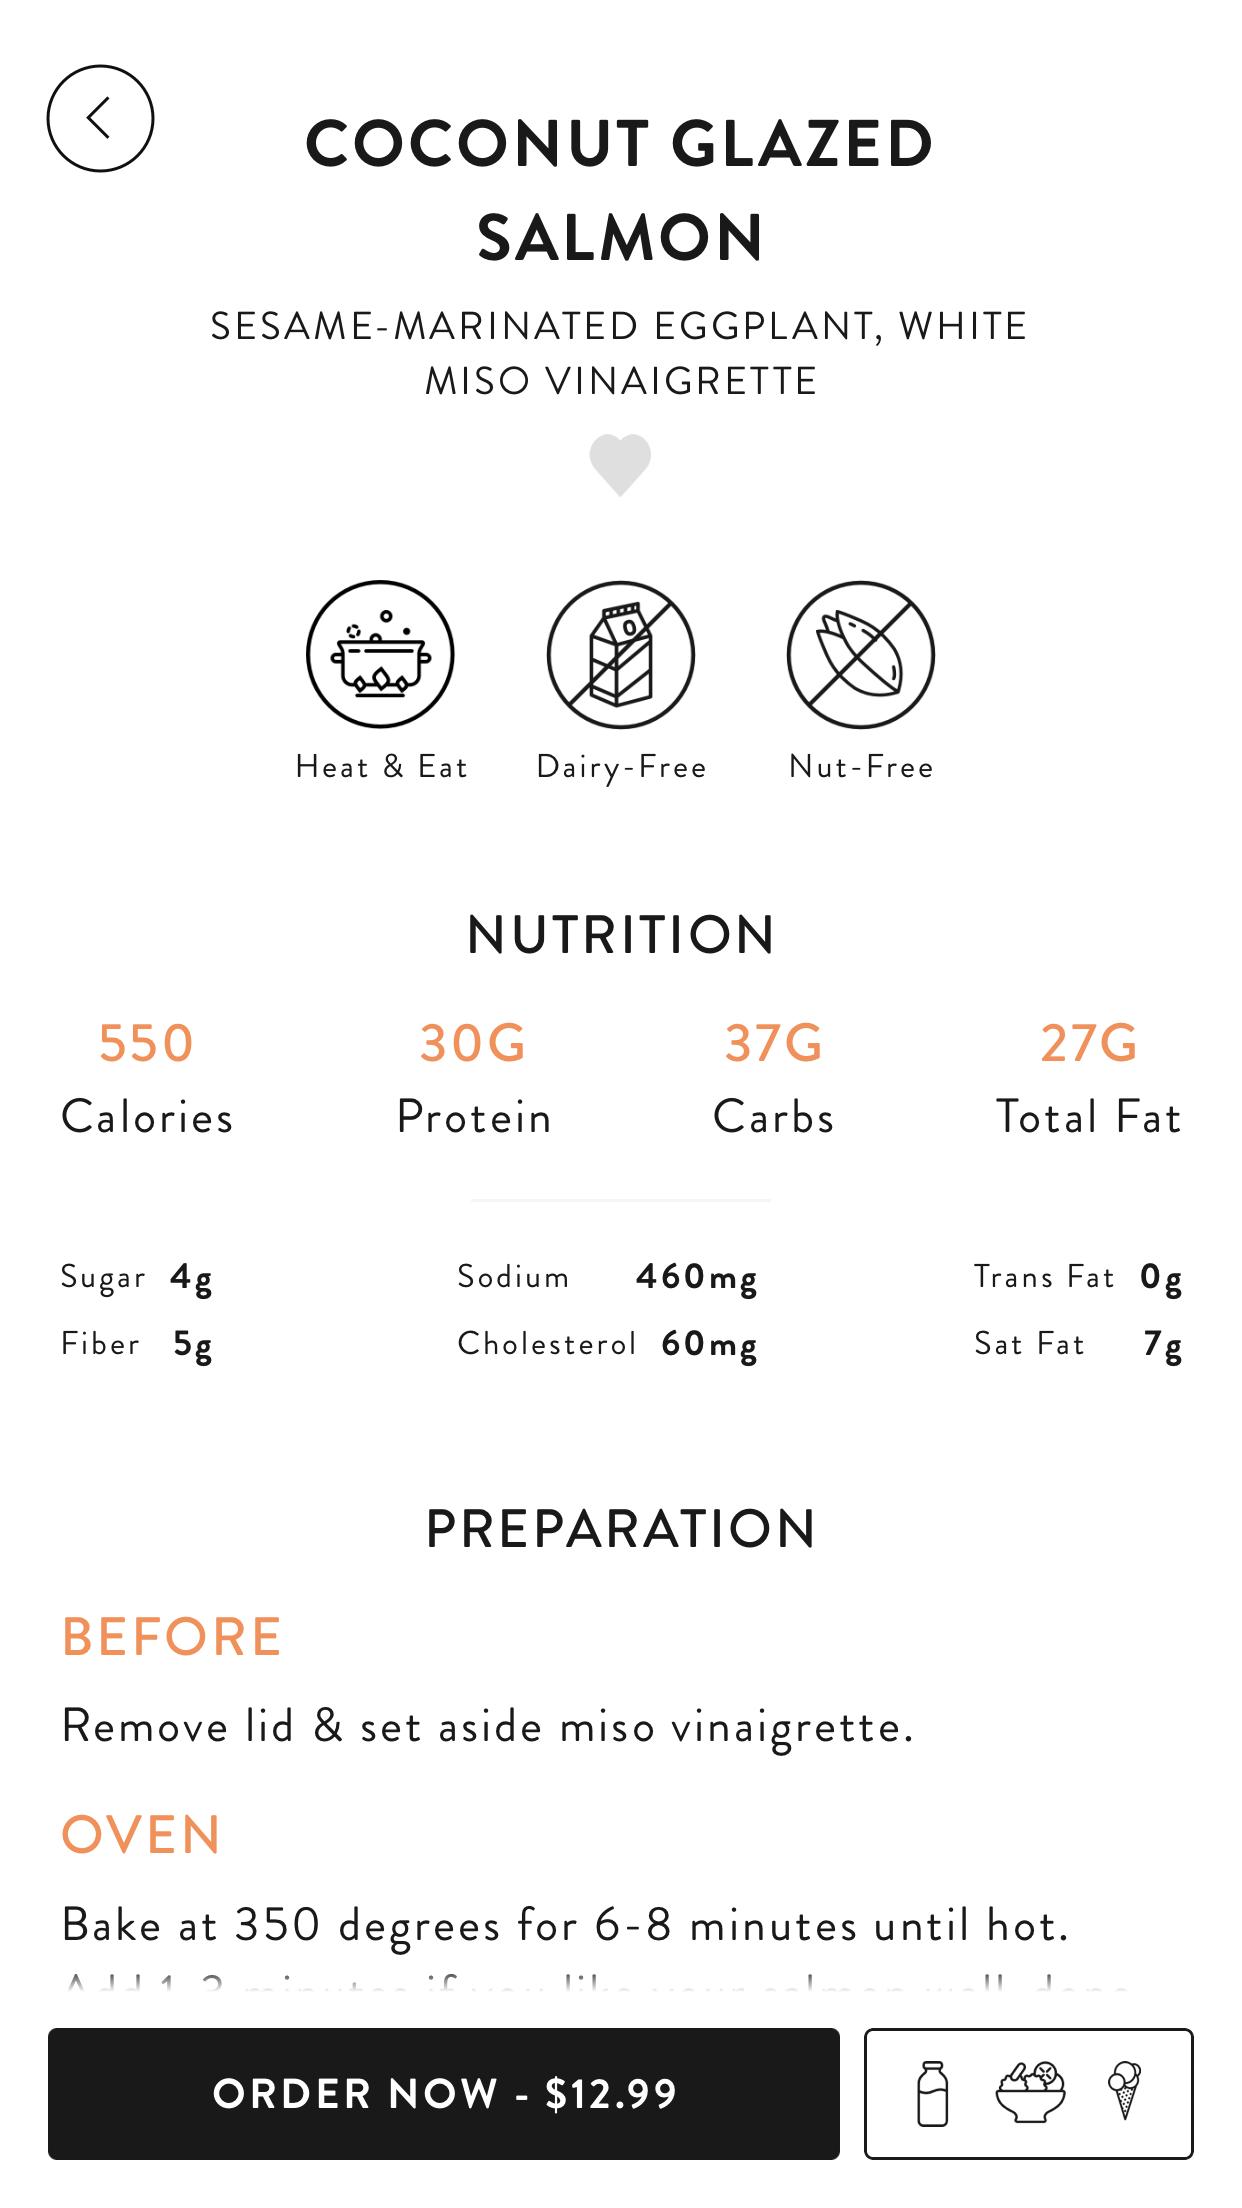 eatpurelysalmonnutrition